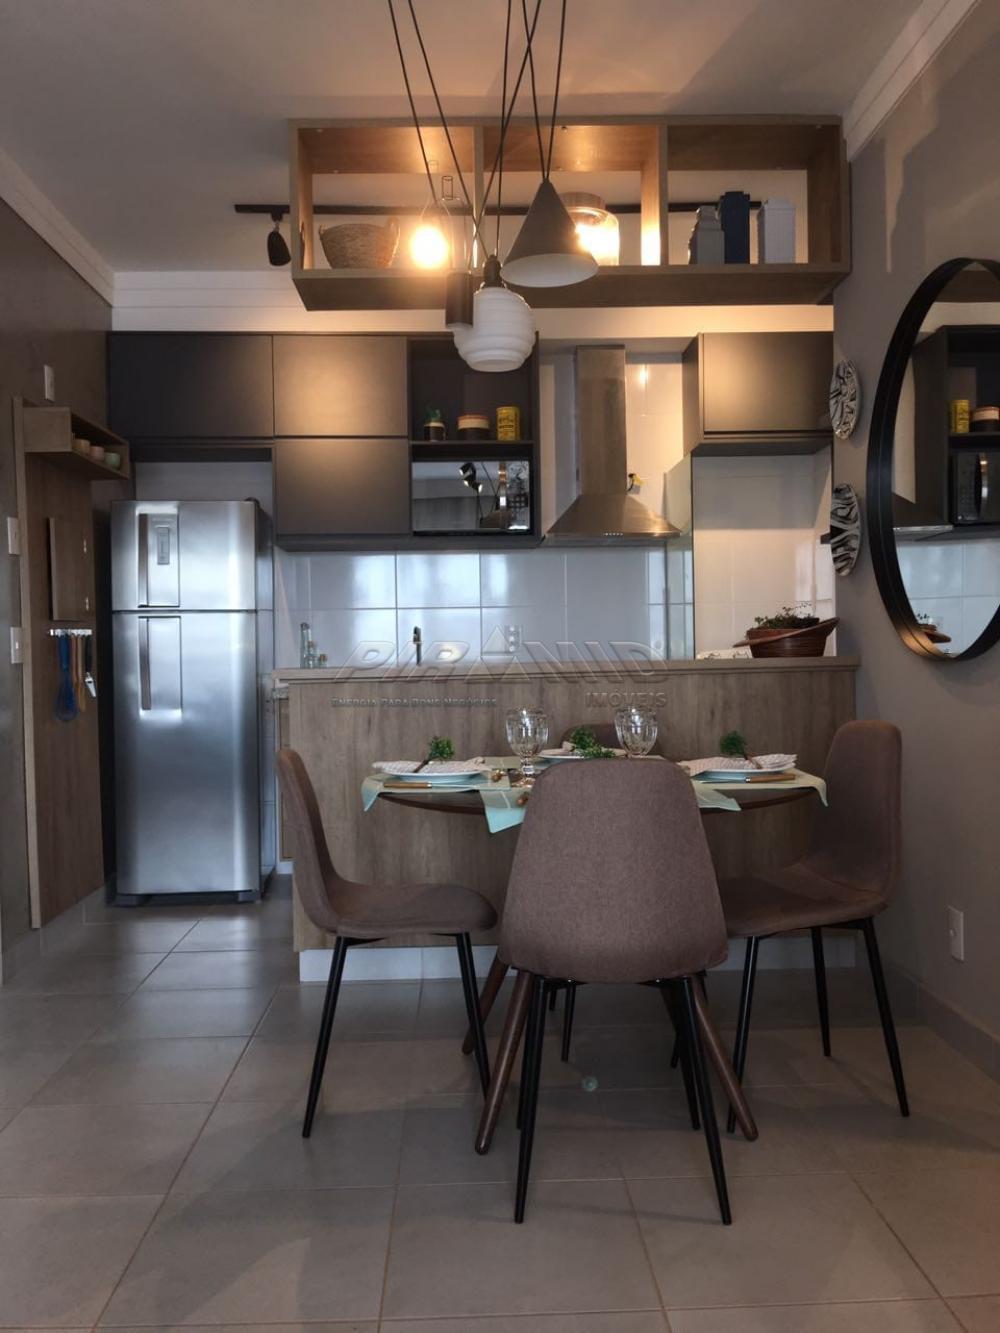 Comprar Apartamento / Padrão em Ribeirão Preto apenas R$ 203.320,00 - Foto 7